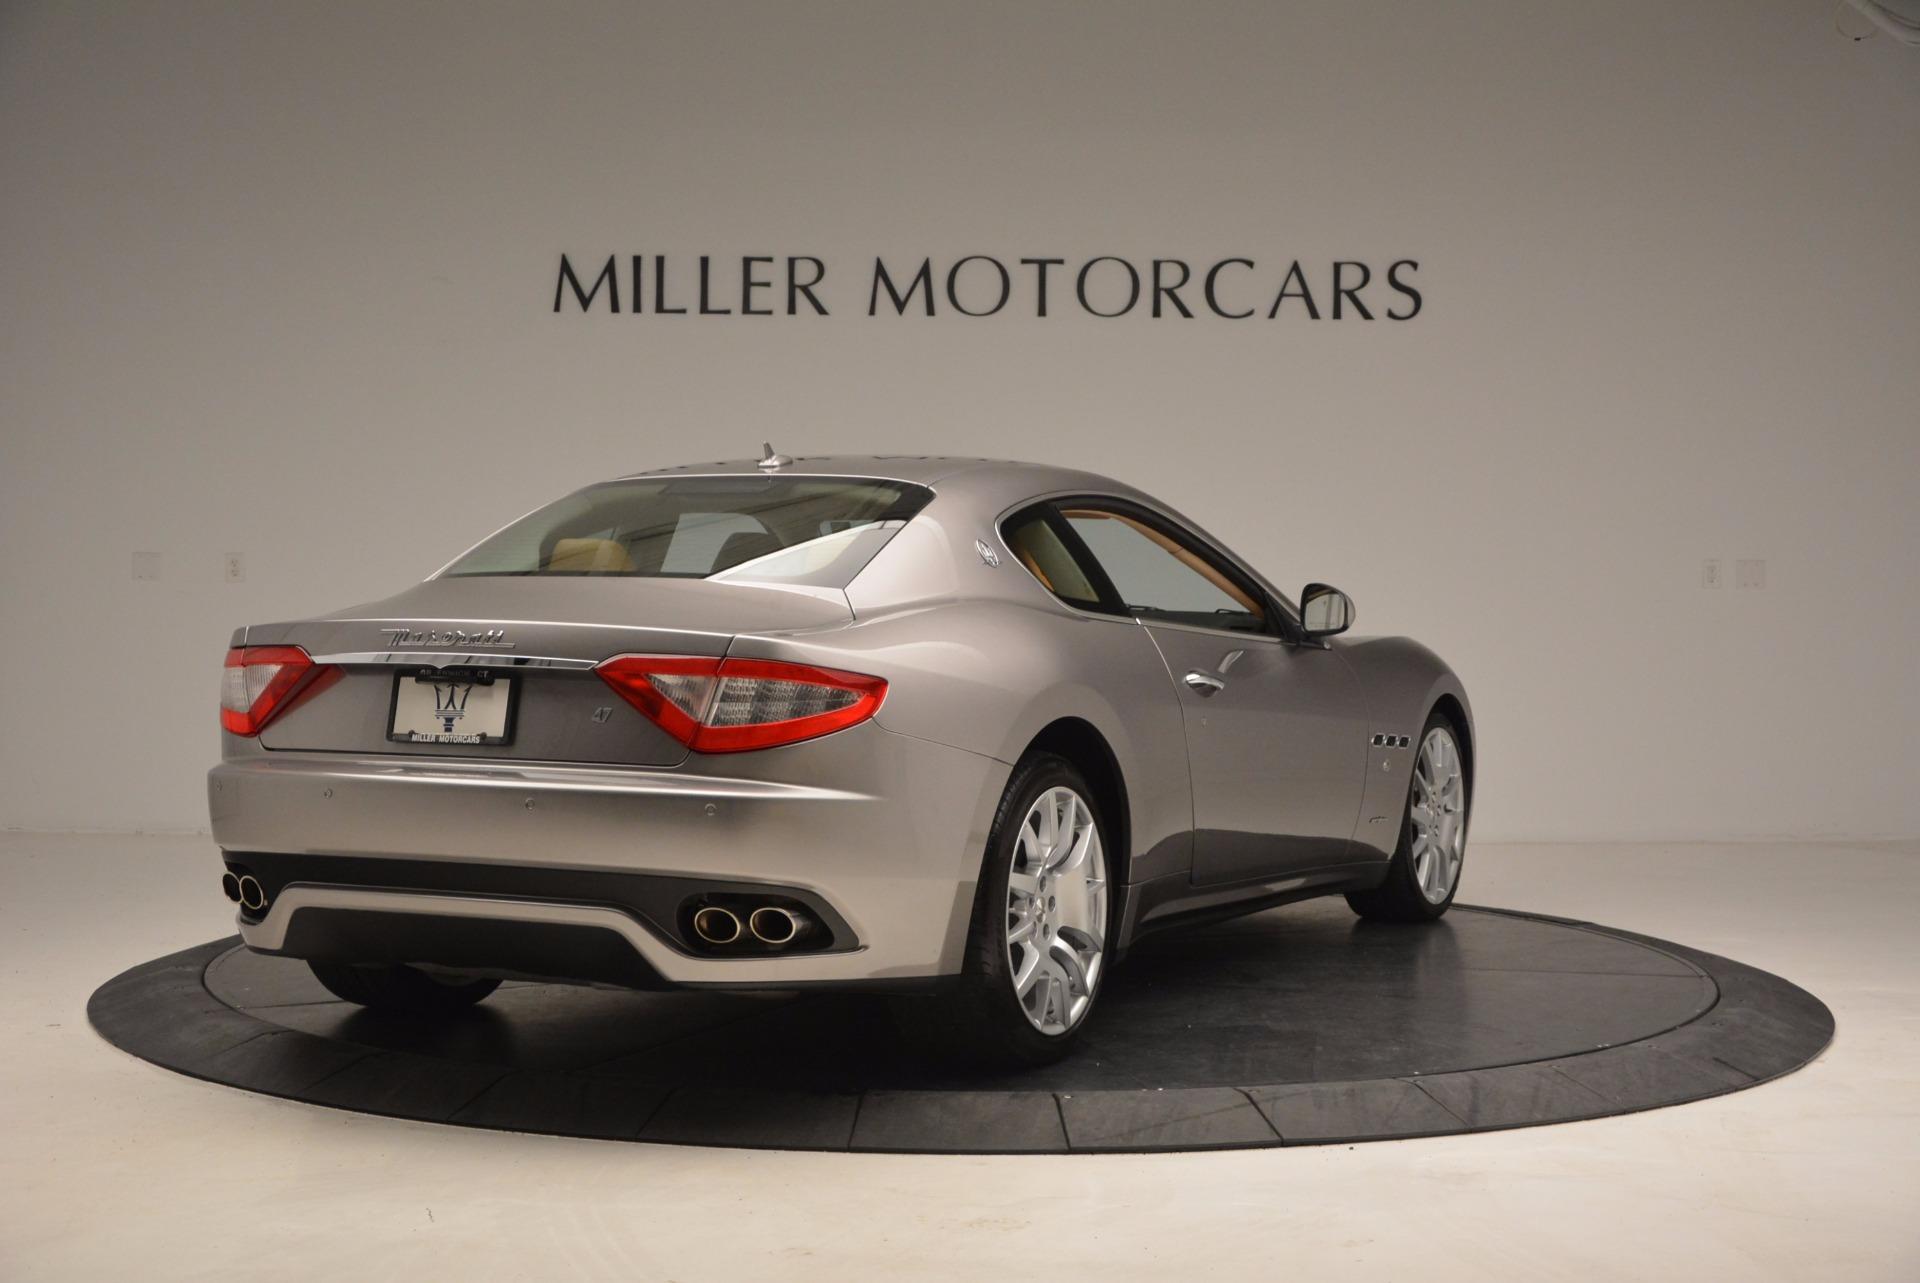 Used 2009 Maserati GranTurismo S For Sale In Greenwich, CT 1063_p7